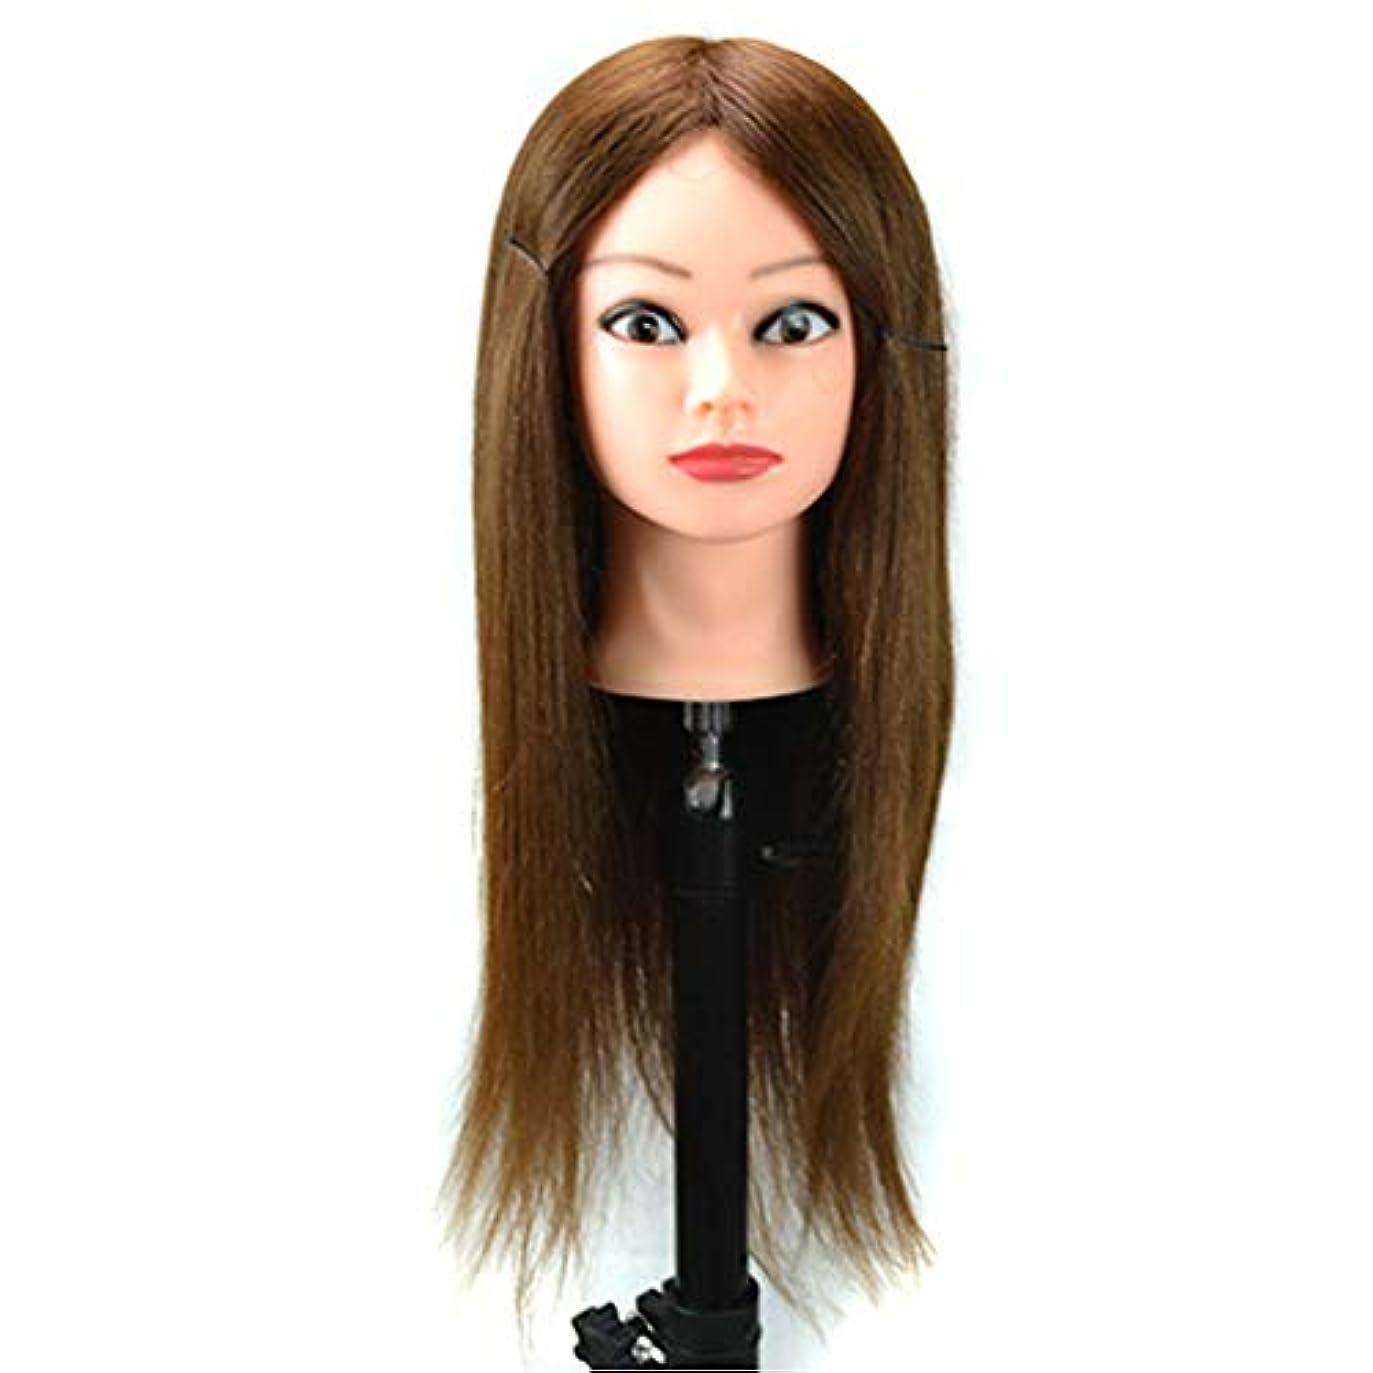 ギャング株式私の完全な毛は小さいブラケットが付いている熱いロールマネキンの頭部のヘアーサロンのトリミングの頭部の花嫁の形の毛の訓練の頭部である場合もあります,Brown